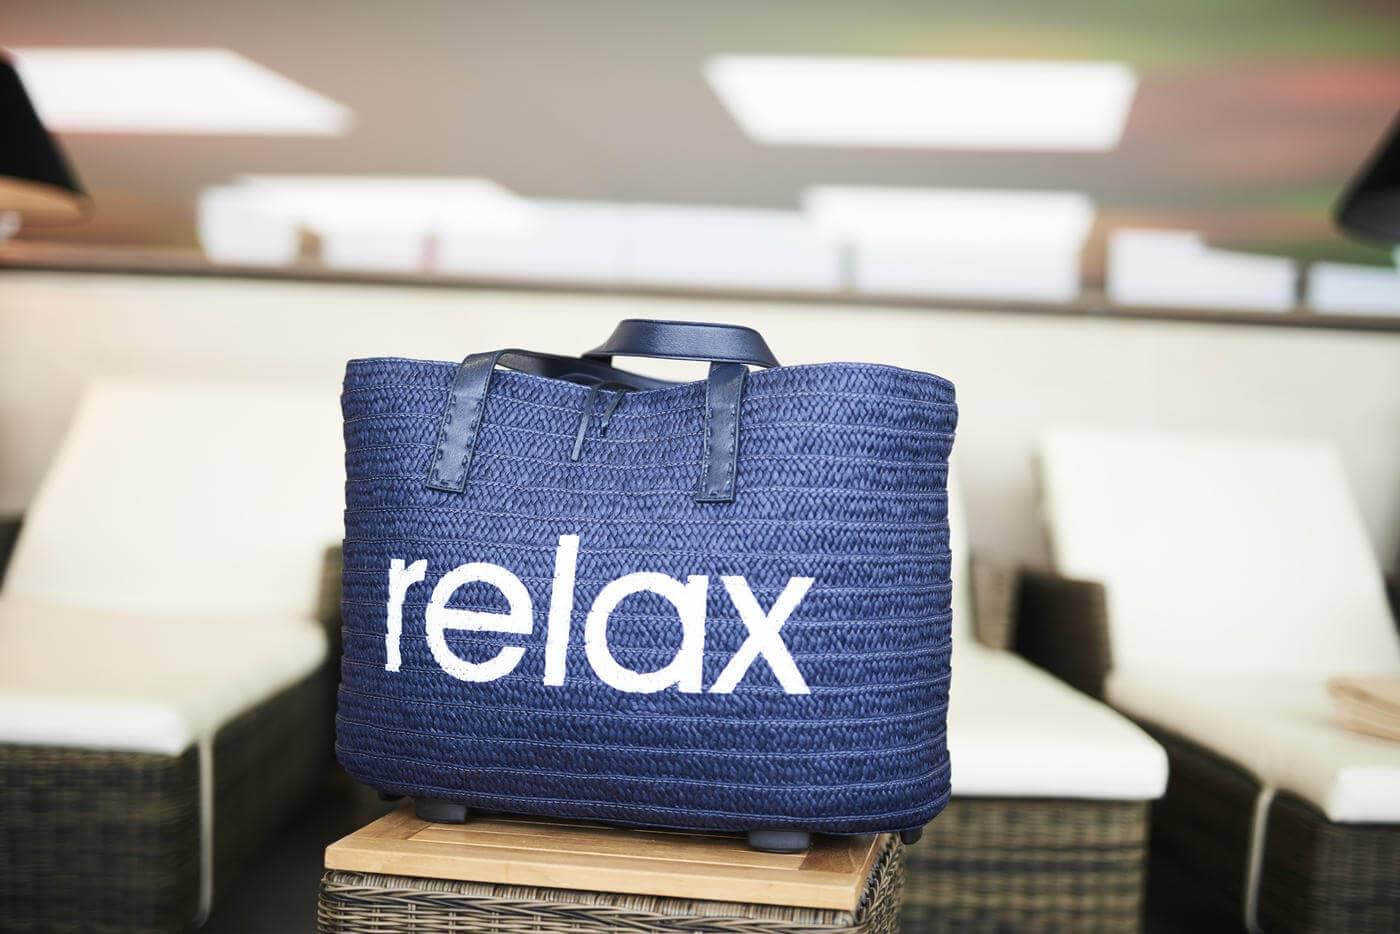 Blaue Tasche mit weißem Relax Aufdruck wurde vor Liegen platziert